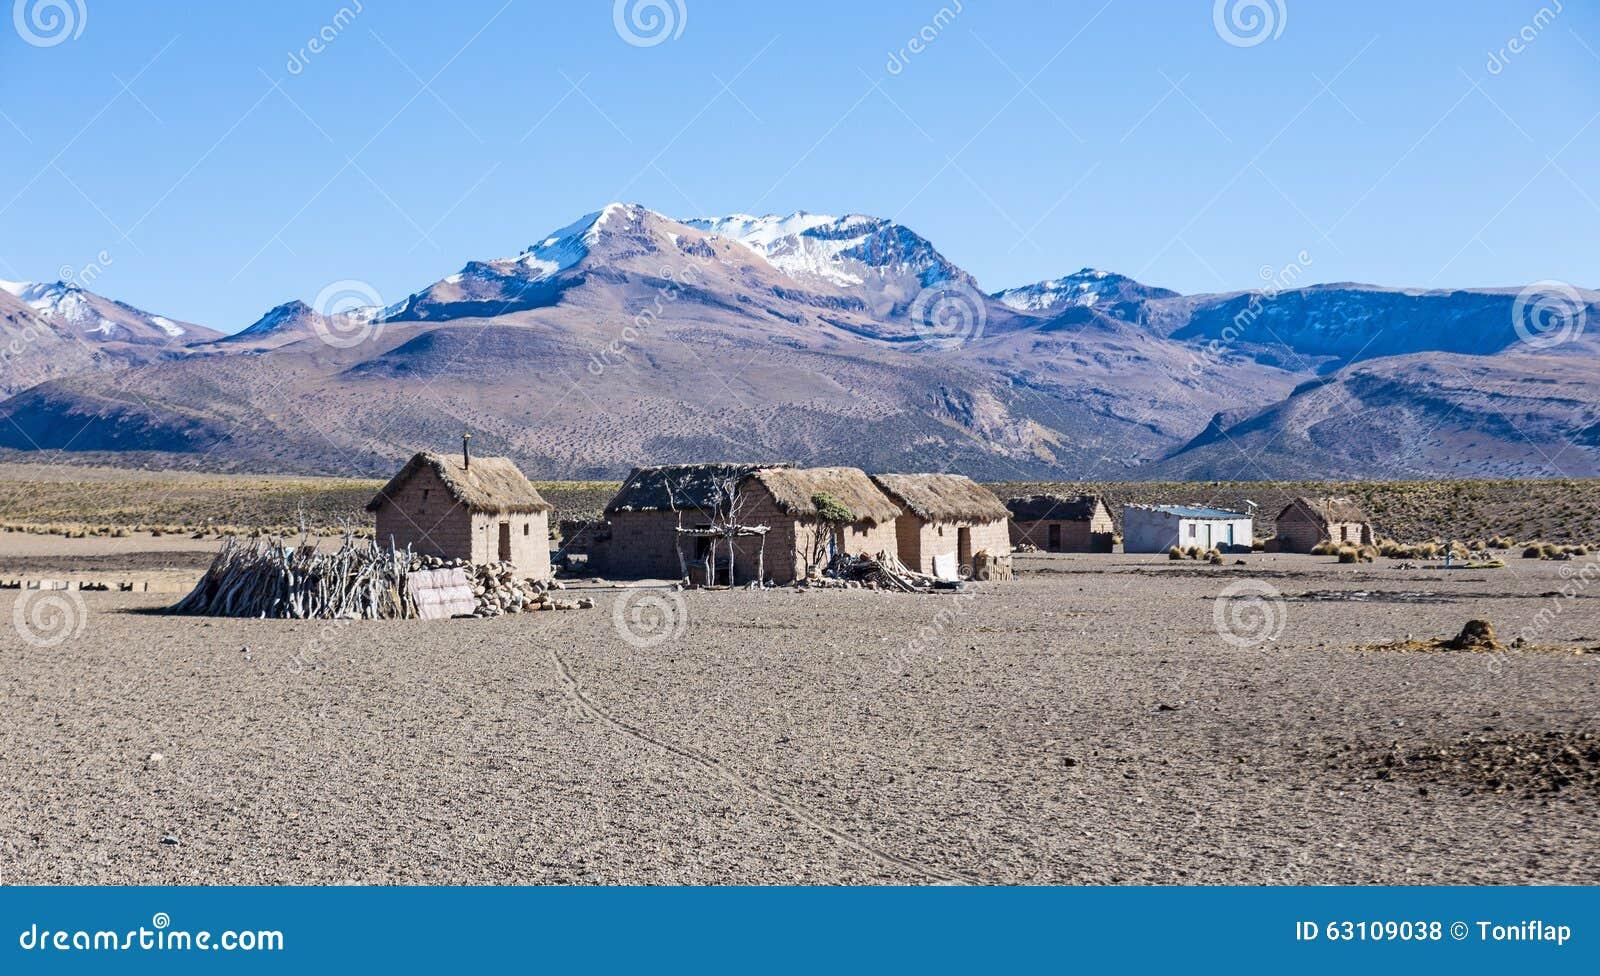 Liten by av herdar av lamor i de Andean bergen